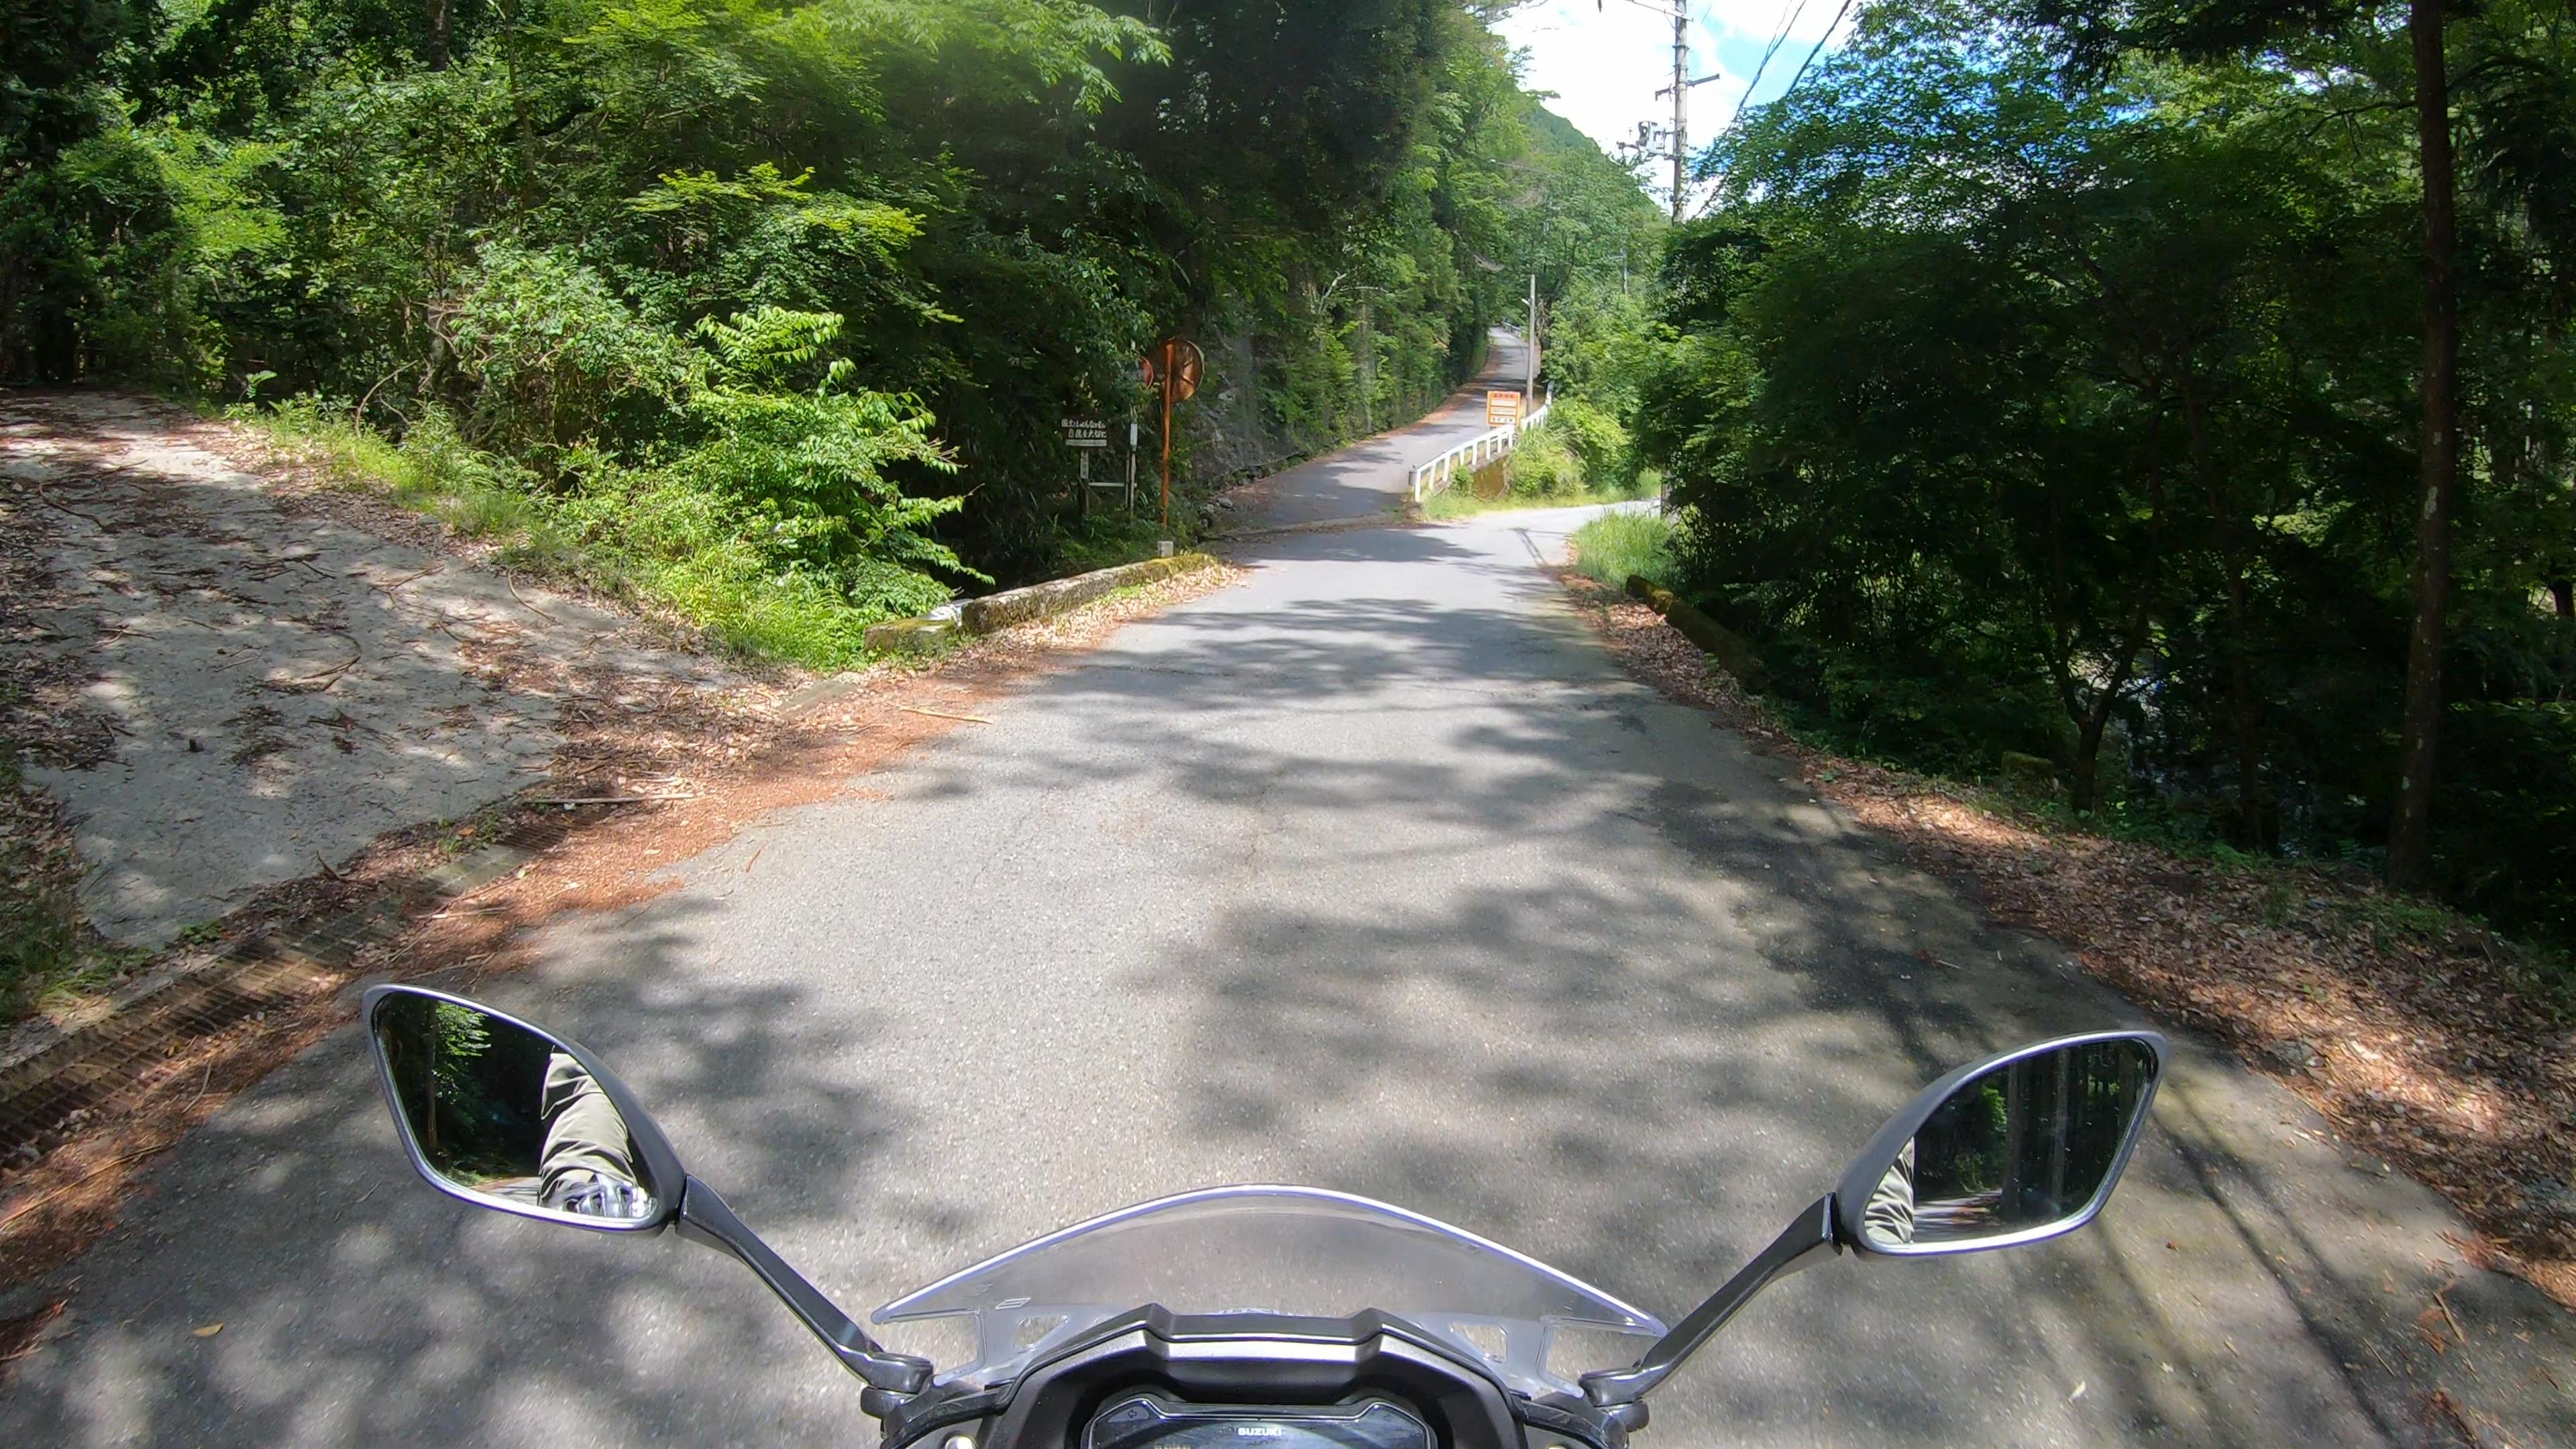 GX012413-2 奈良県  和佐羅滝 ( 奈良県の夏、新緑の時期におすすめの滝写真スポット・アクセス情報や撮影ポイントなど!)